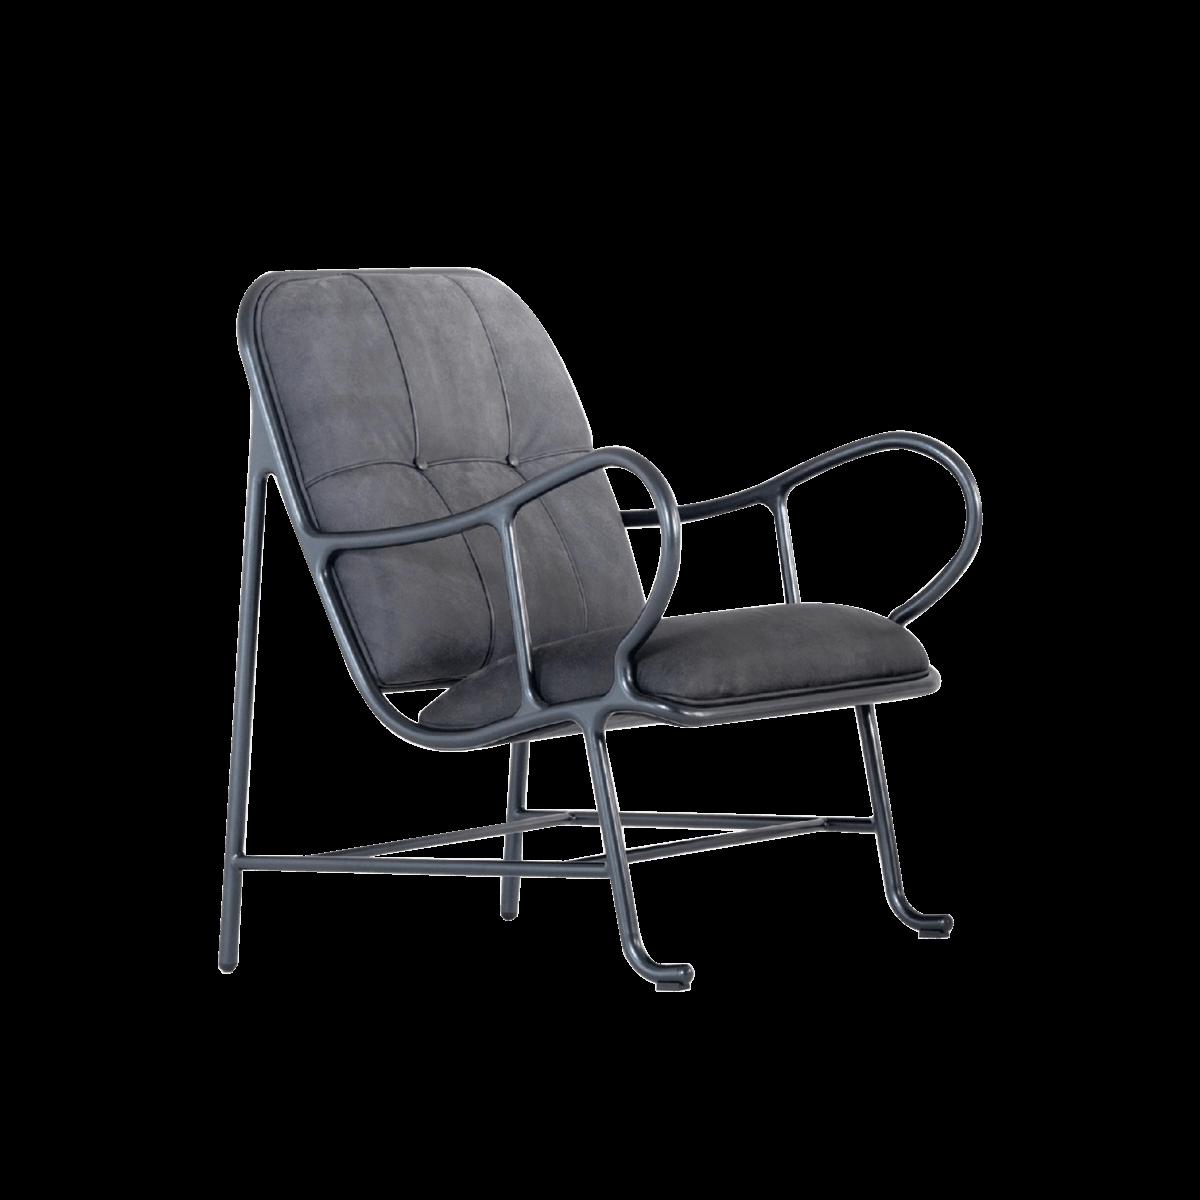 b.d barcelona design Gardenias Armchair - Indoor 扶手椅